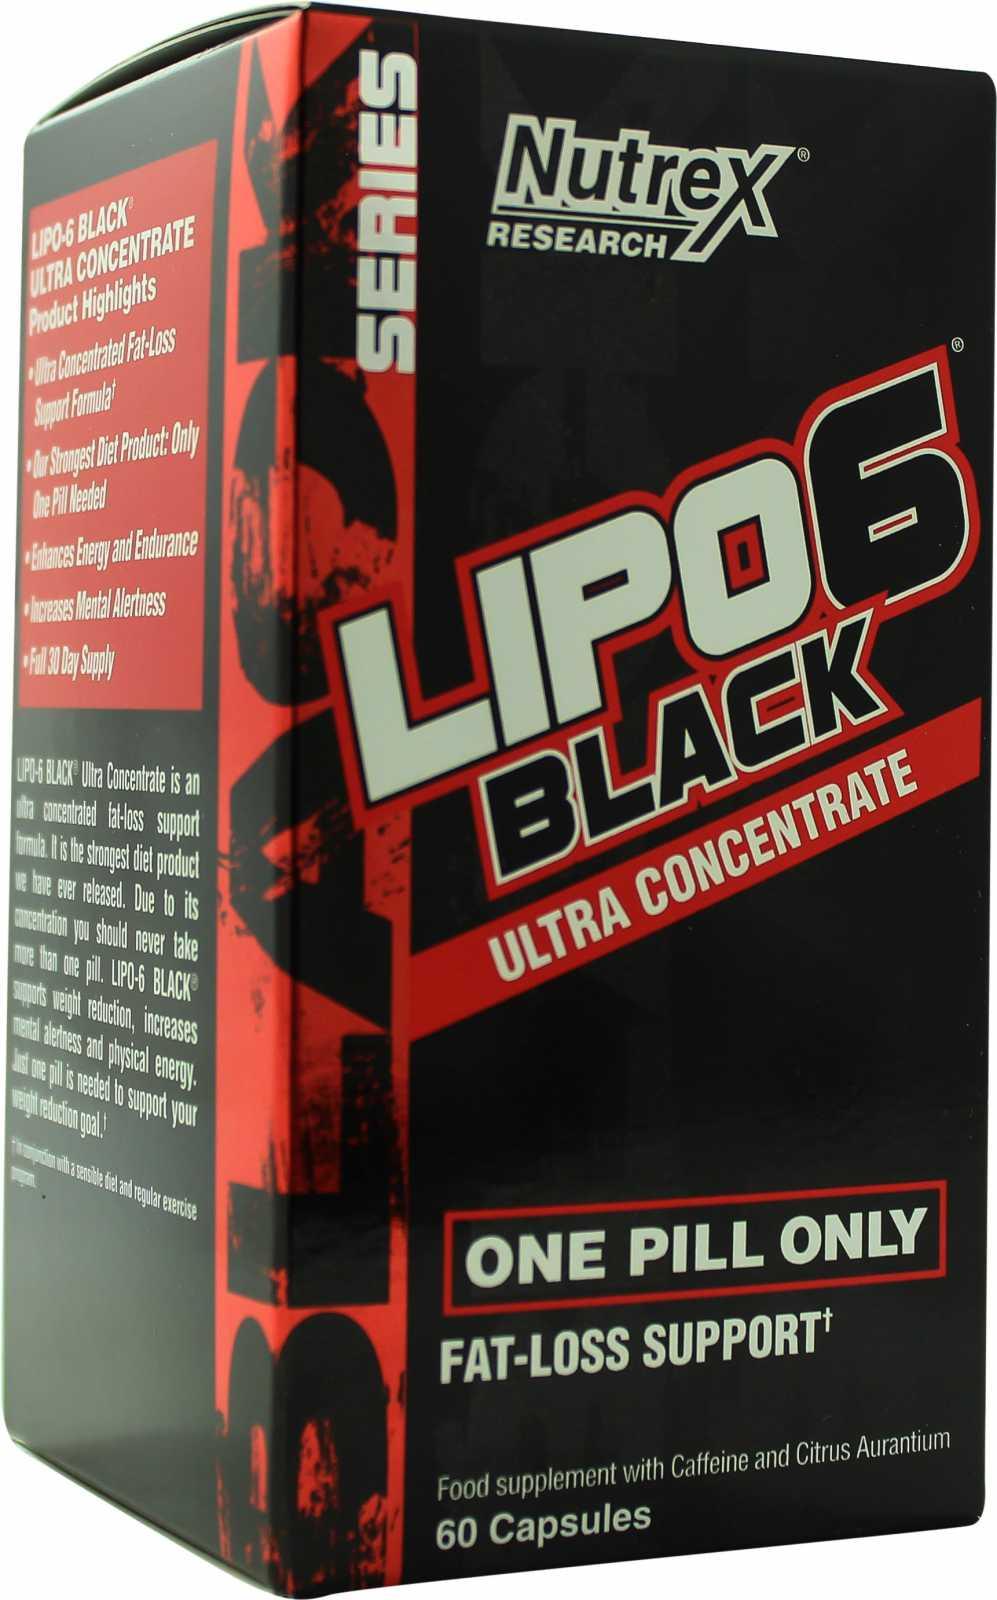 Lipo 6 black ultra concentrate: le opinioni di chi lo ha provato